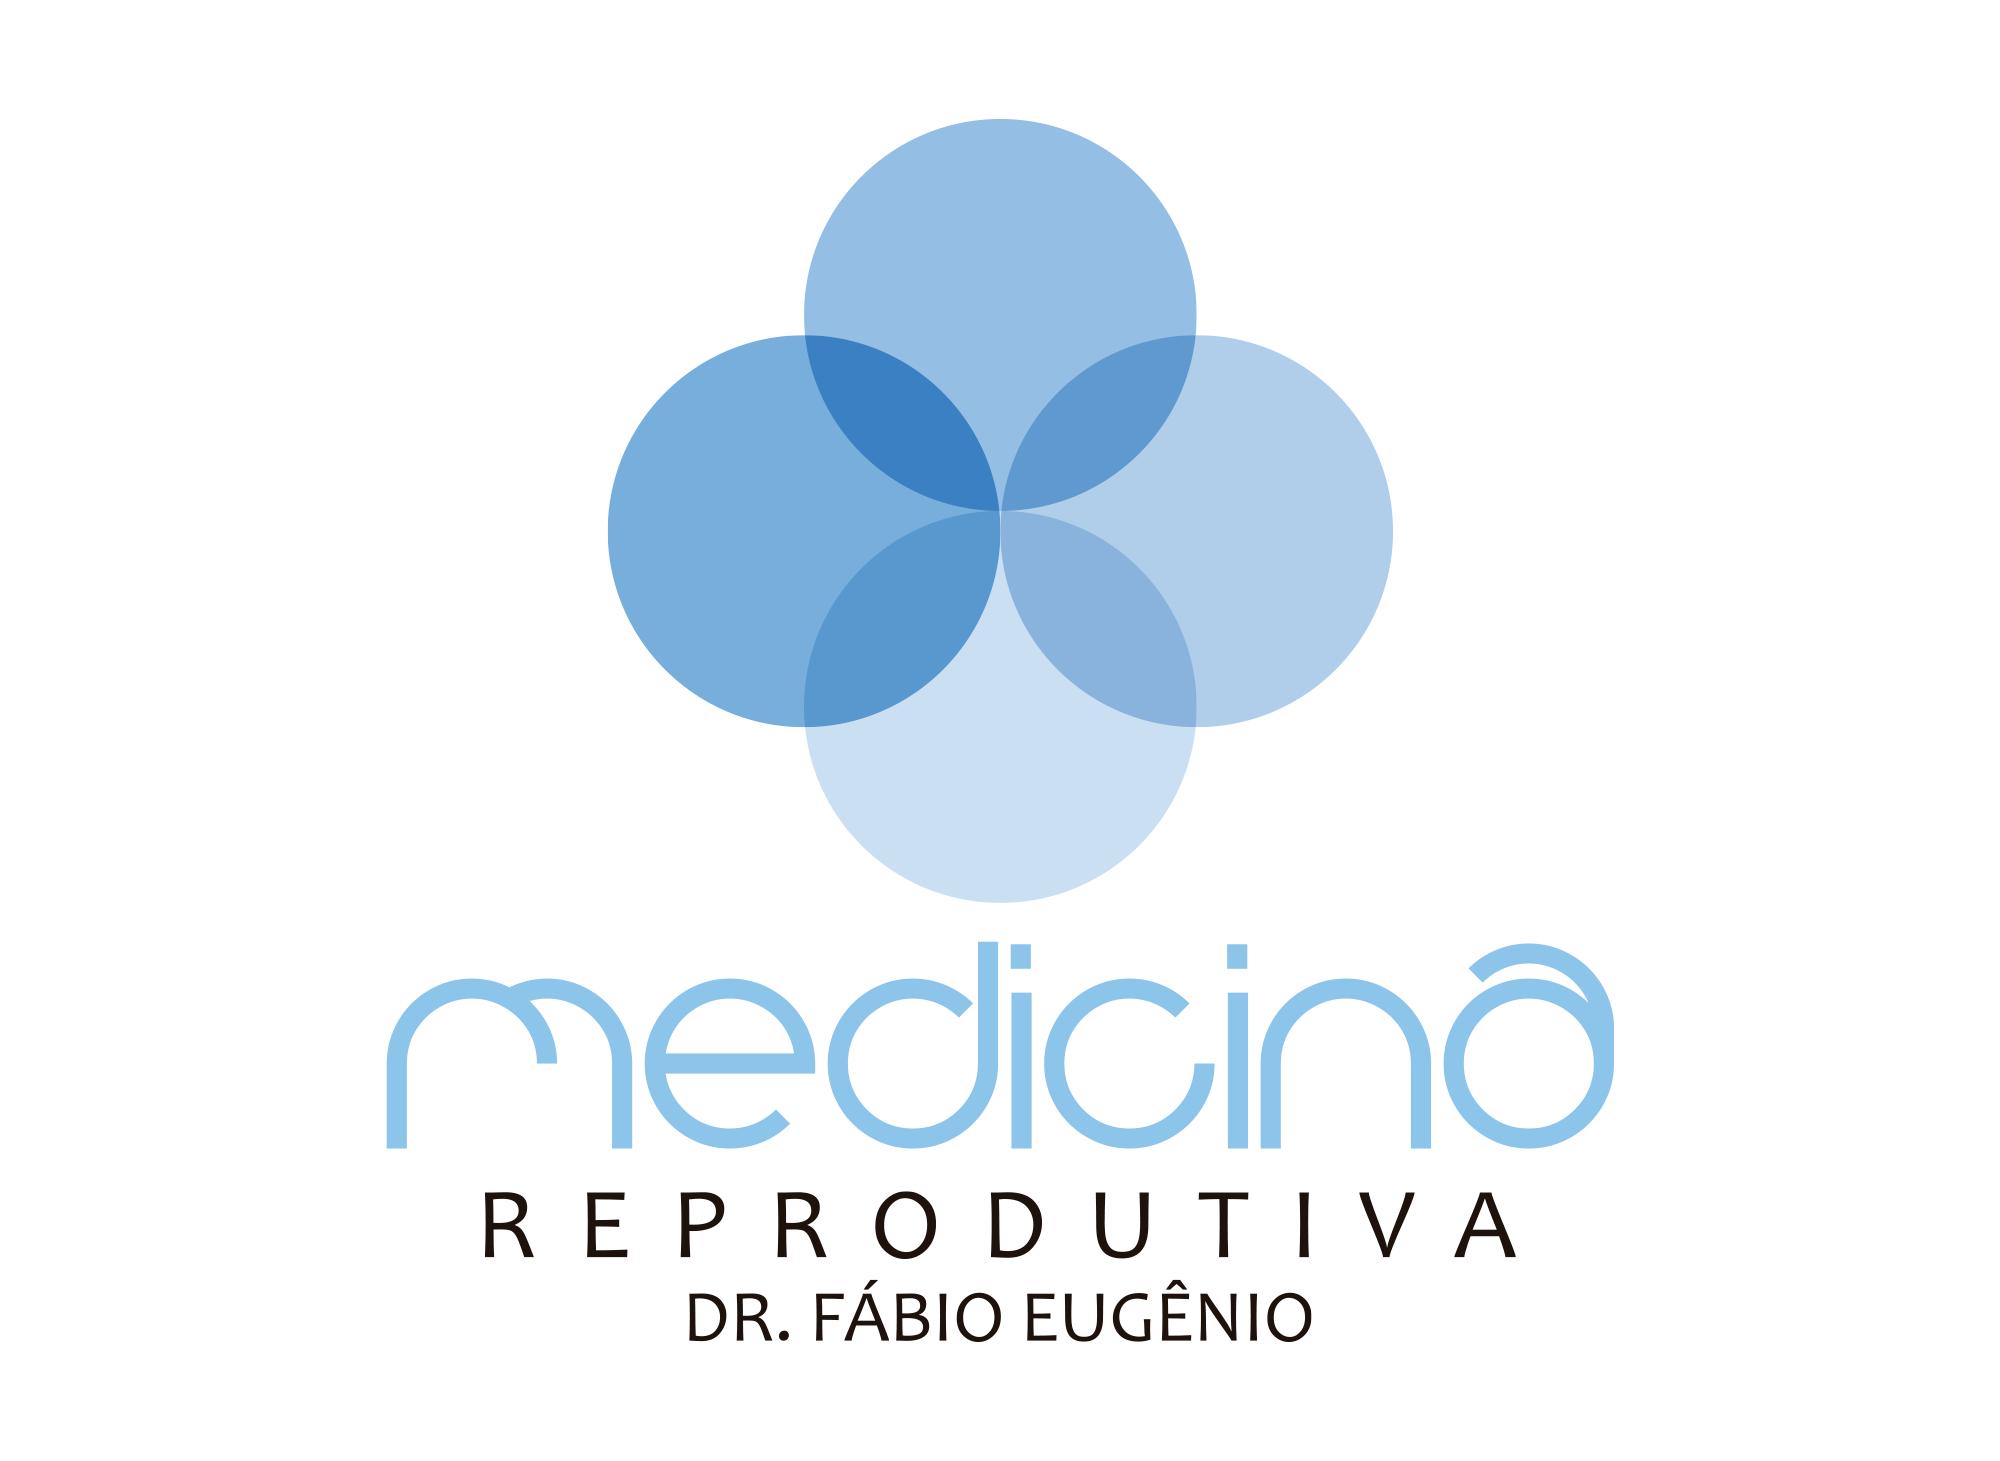 medicina-reprodutiva-dr-fabio-eugenio-clientes-agencia-diretriz-digital-marketing-fortaleza